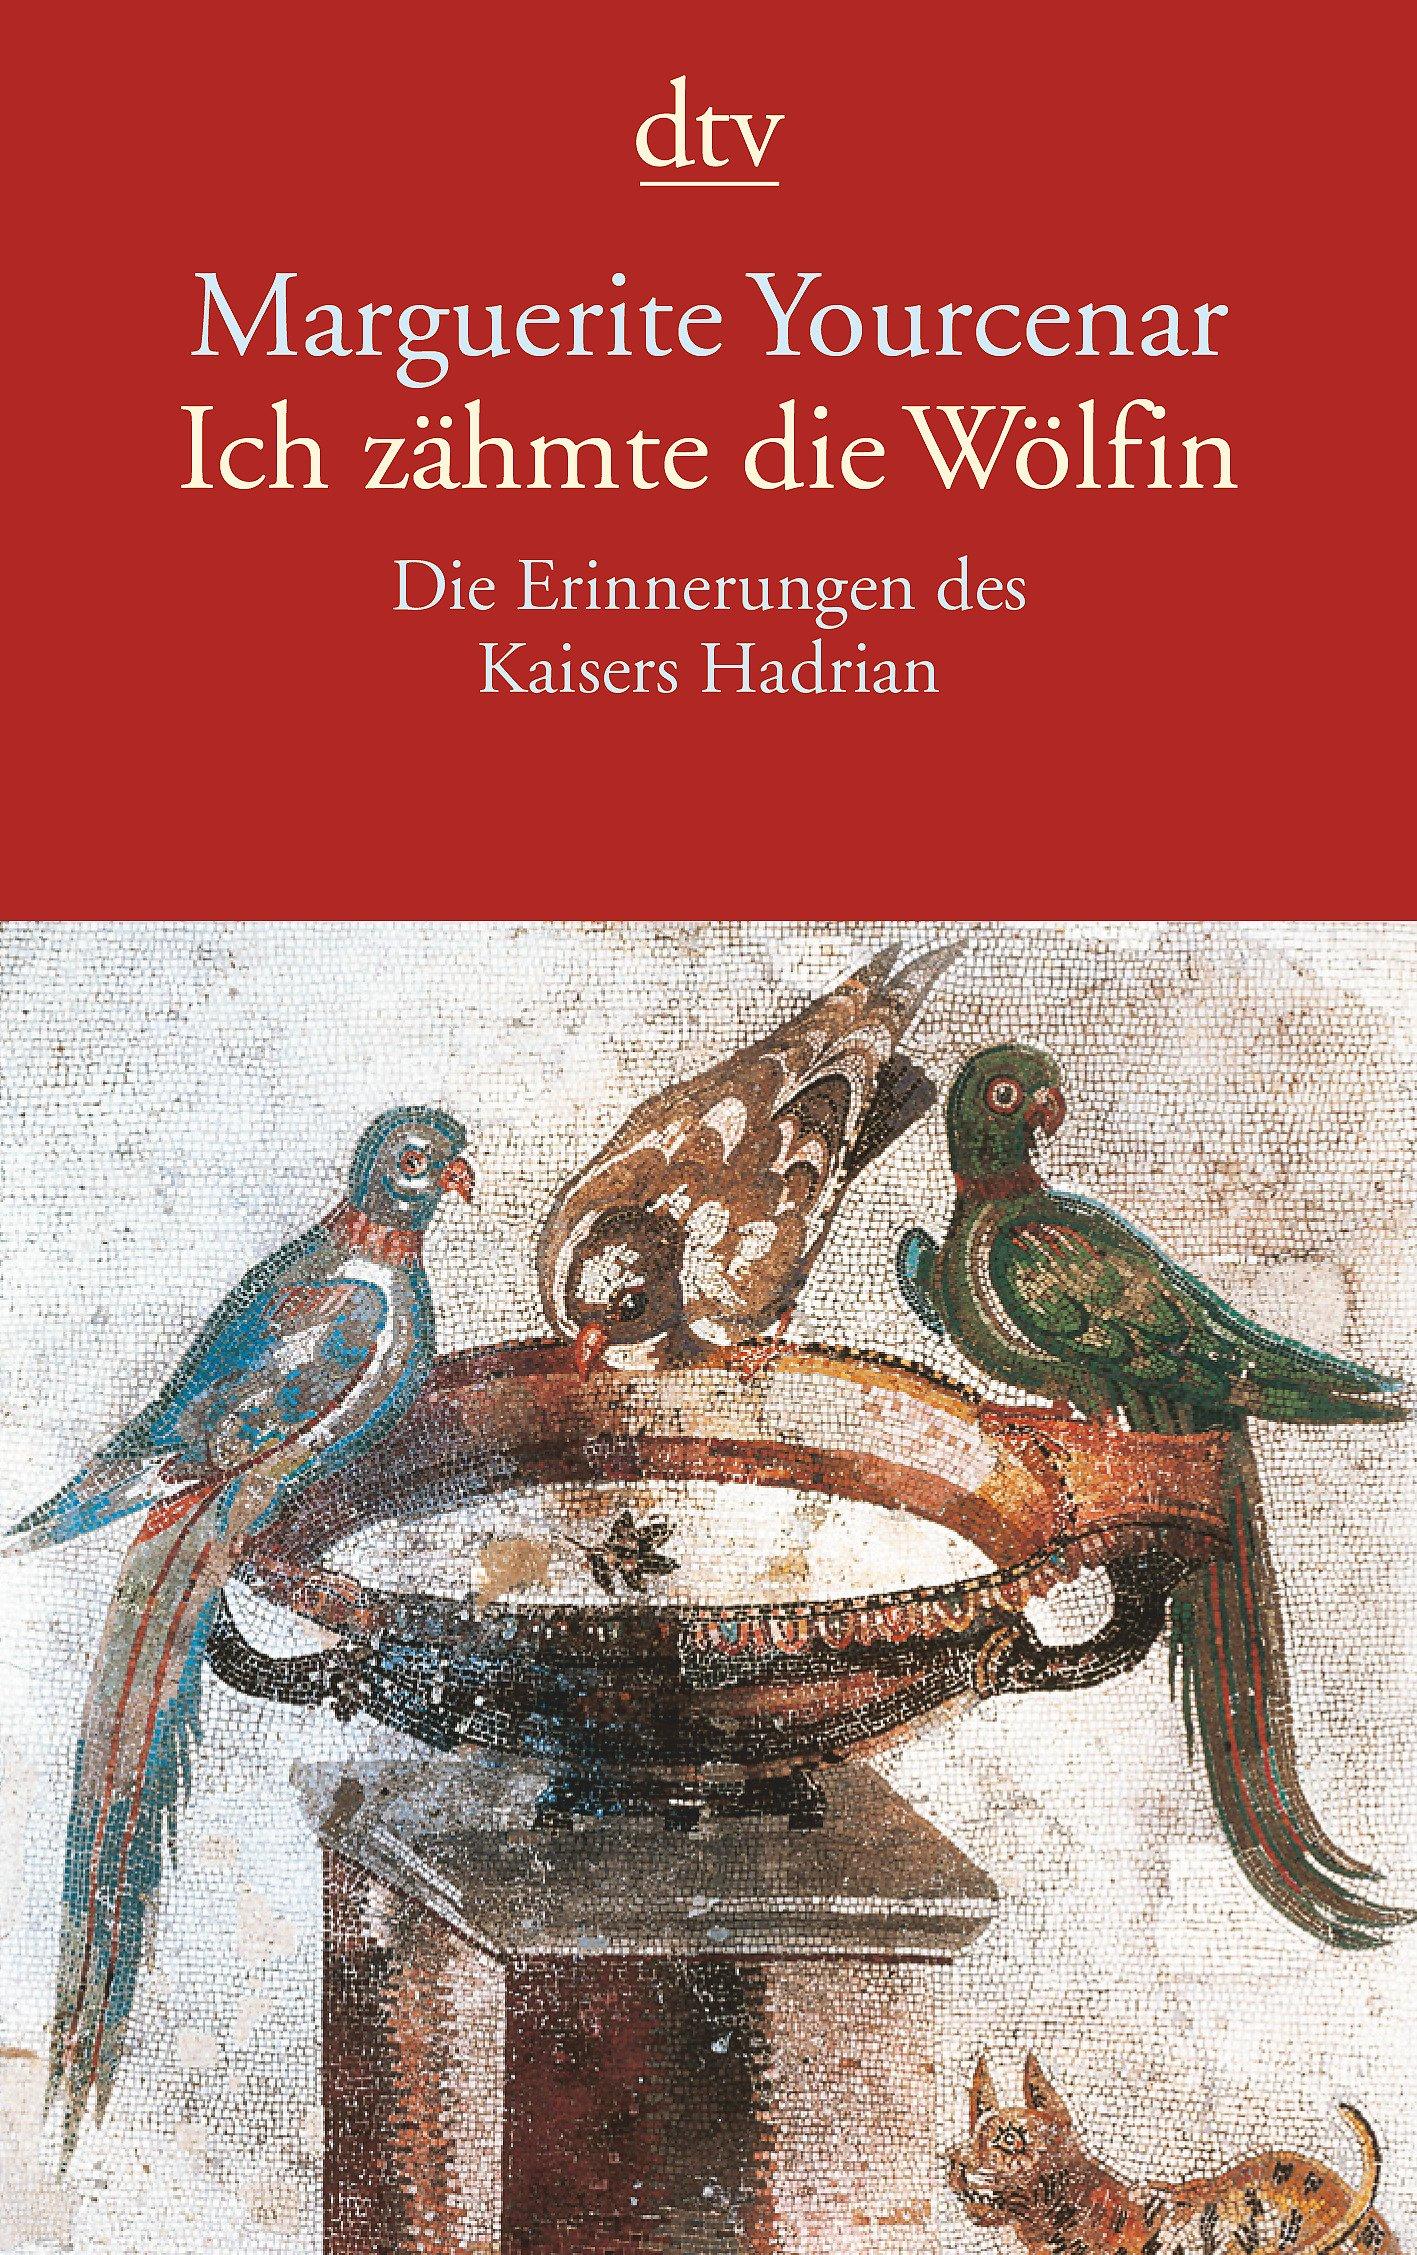 Ich zähmte die Wölfin Taschenbuch – 1. Oktober 1998 Marguerite Yourcenar Fritz Jaffé Dtv 3423124768